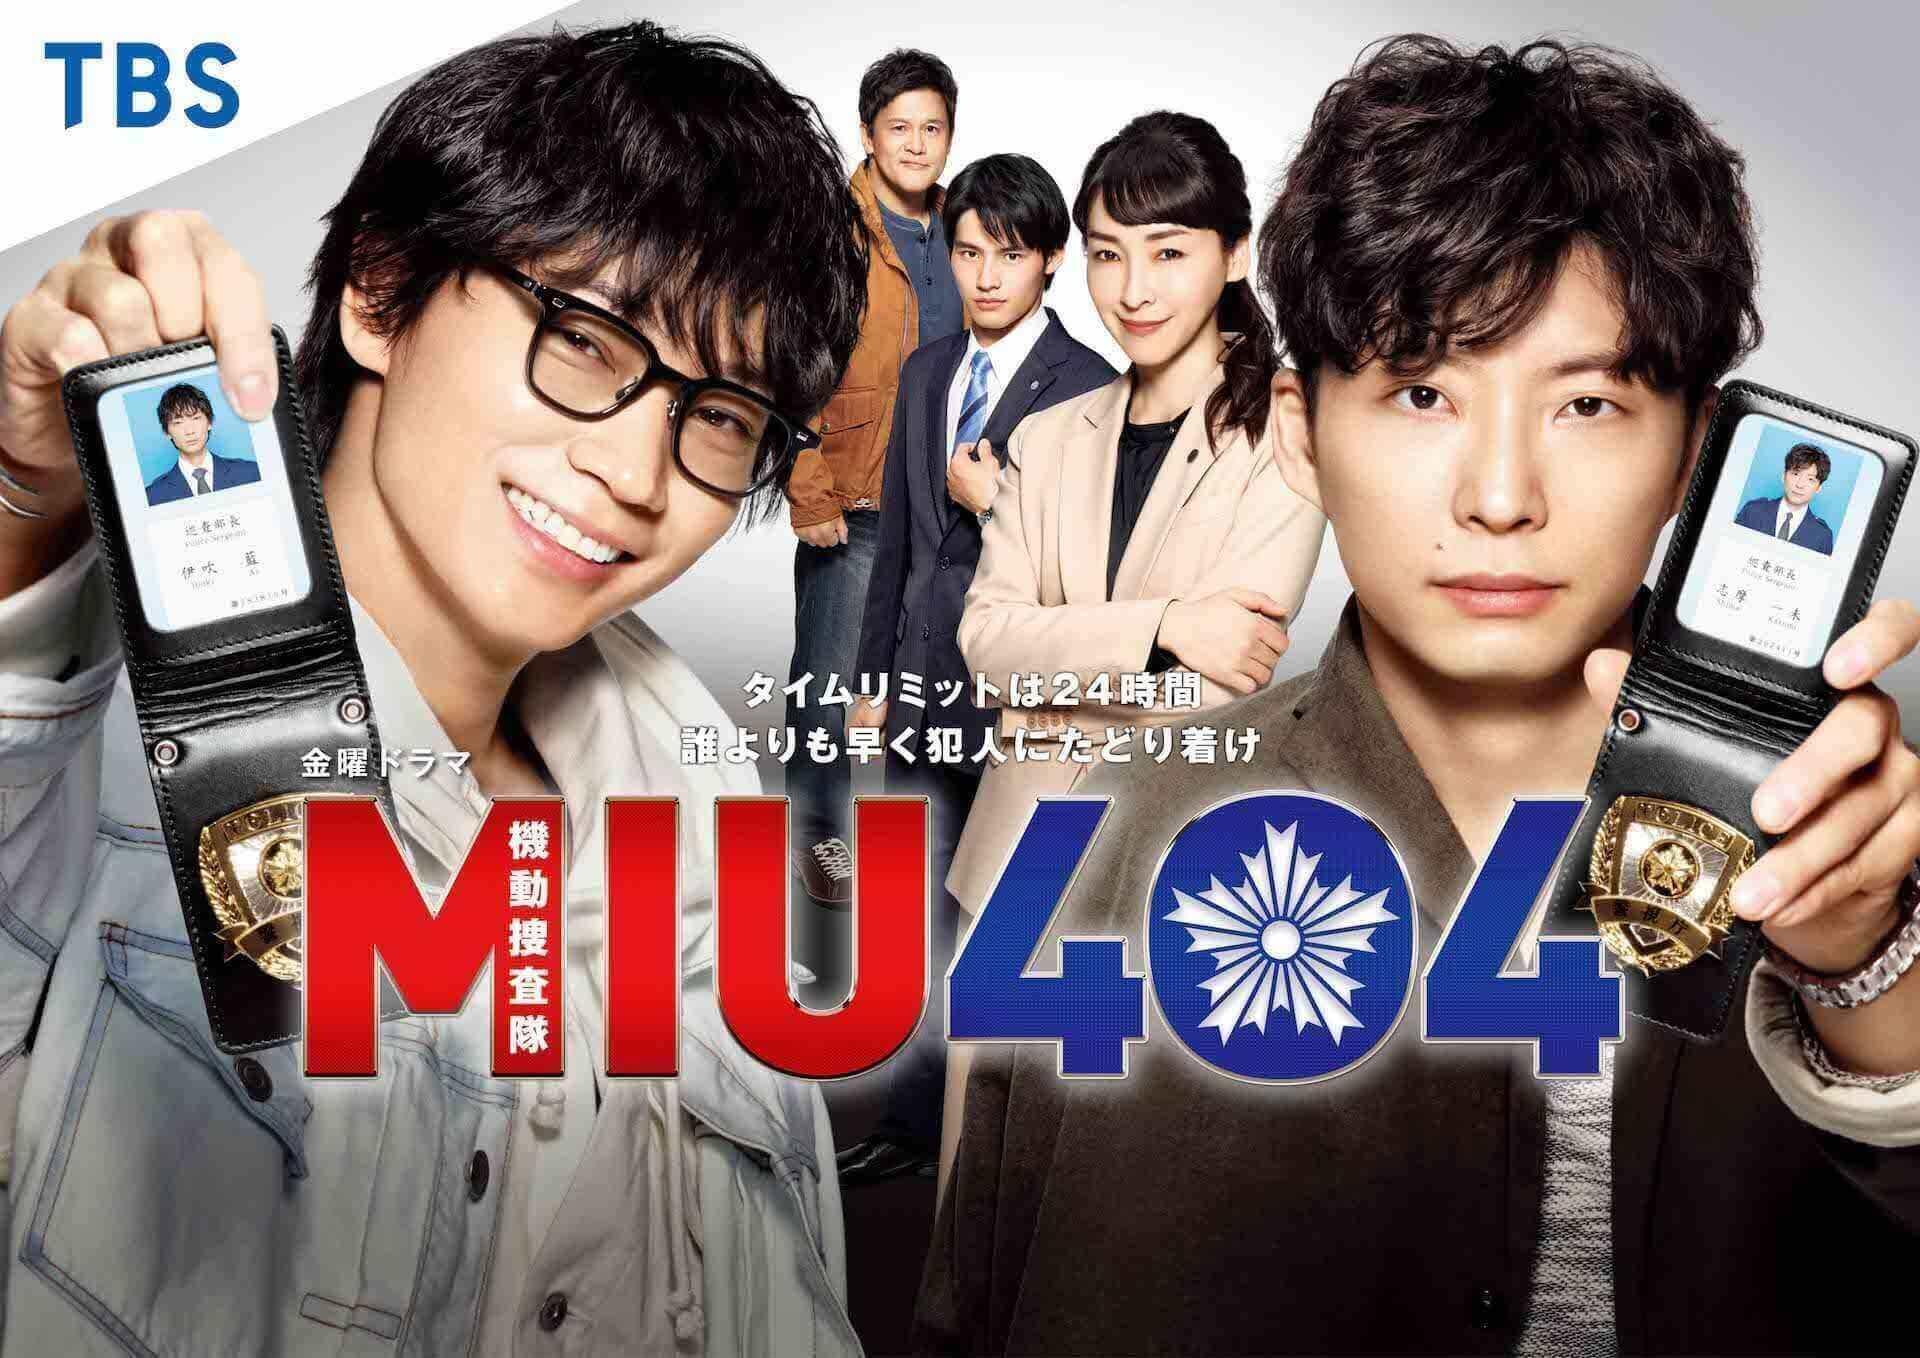 米津玄師が主題歌を務める『MIU404』の脚本家・野木亜紀子と再び対談!TBSラジオにて実現 music200817_yonezukenshi_radio_3